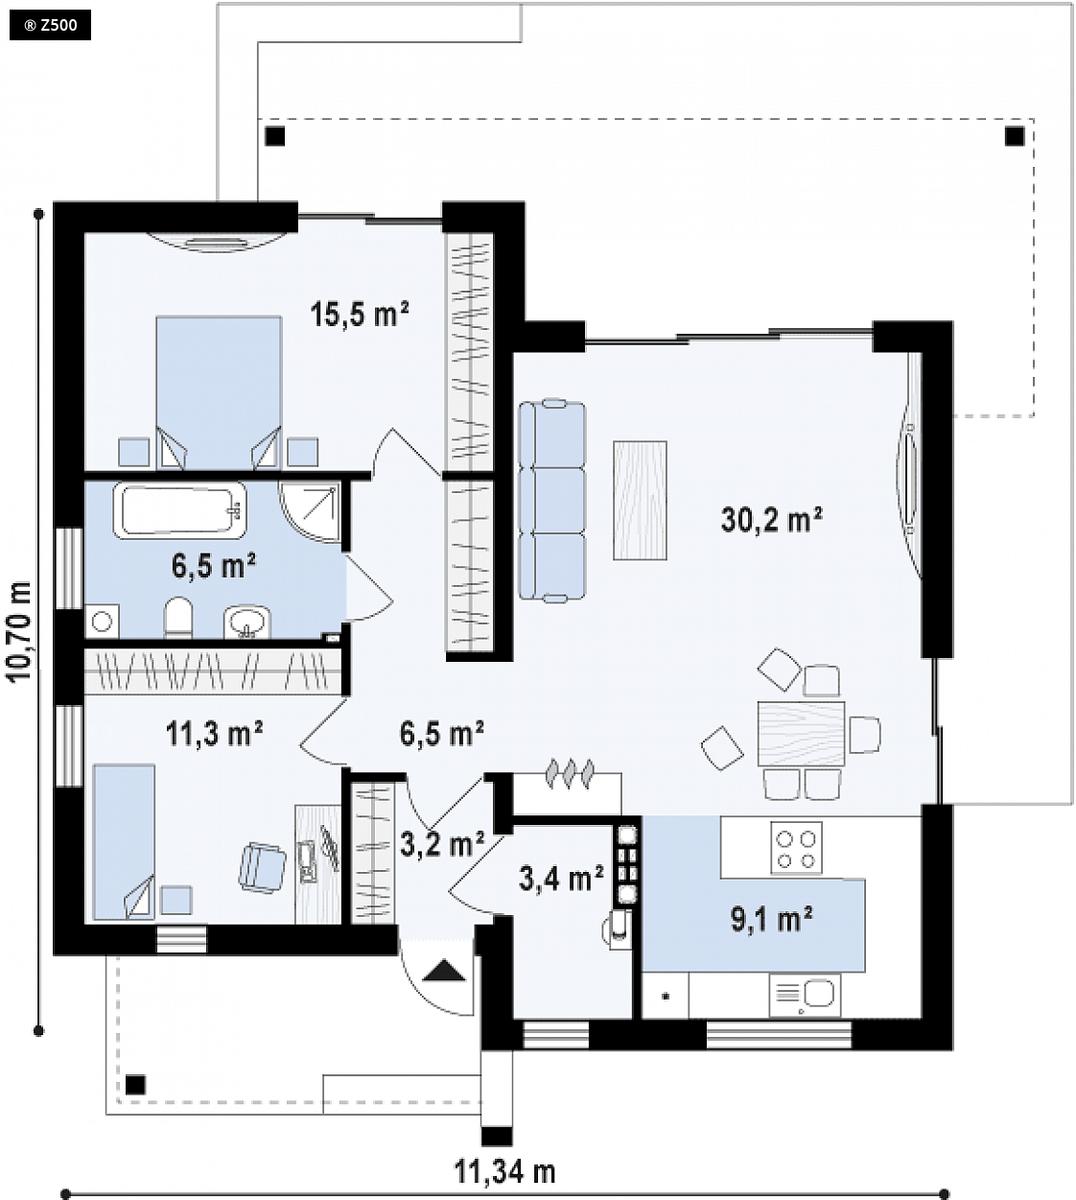 nhà cấp 4 2 phòng ngủ 1 phòng khách 3